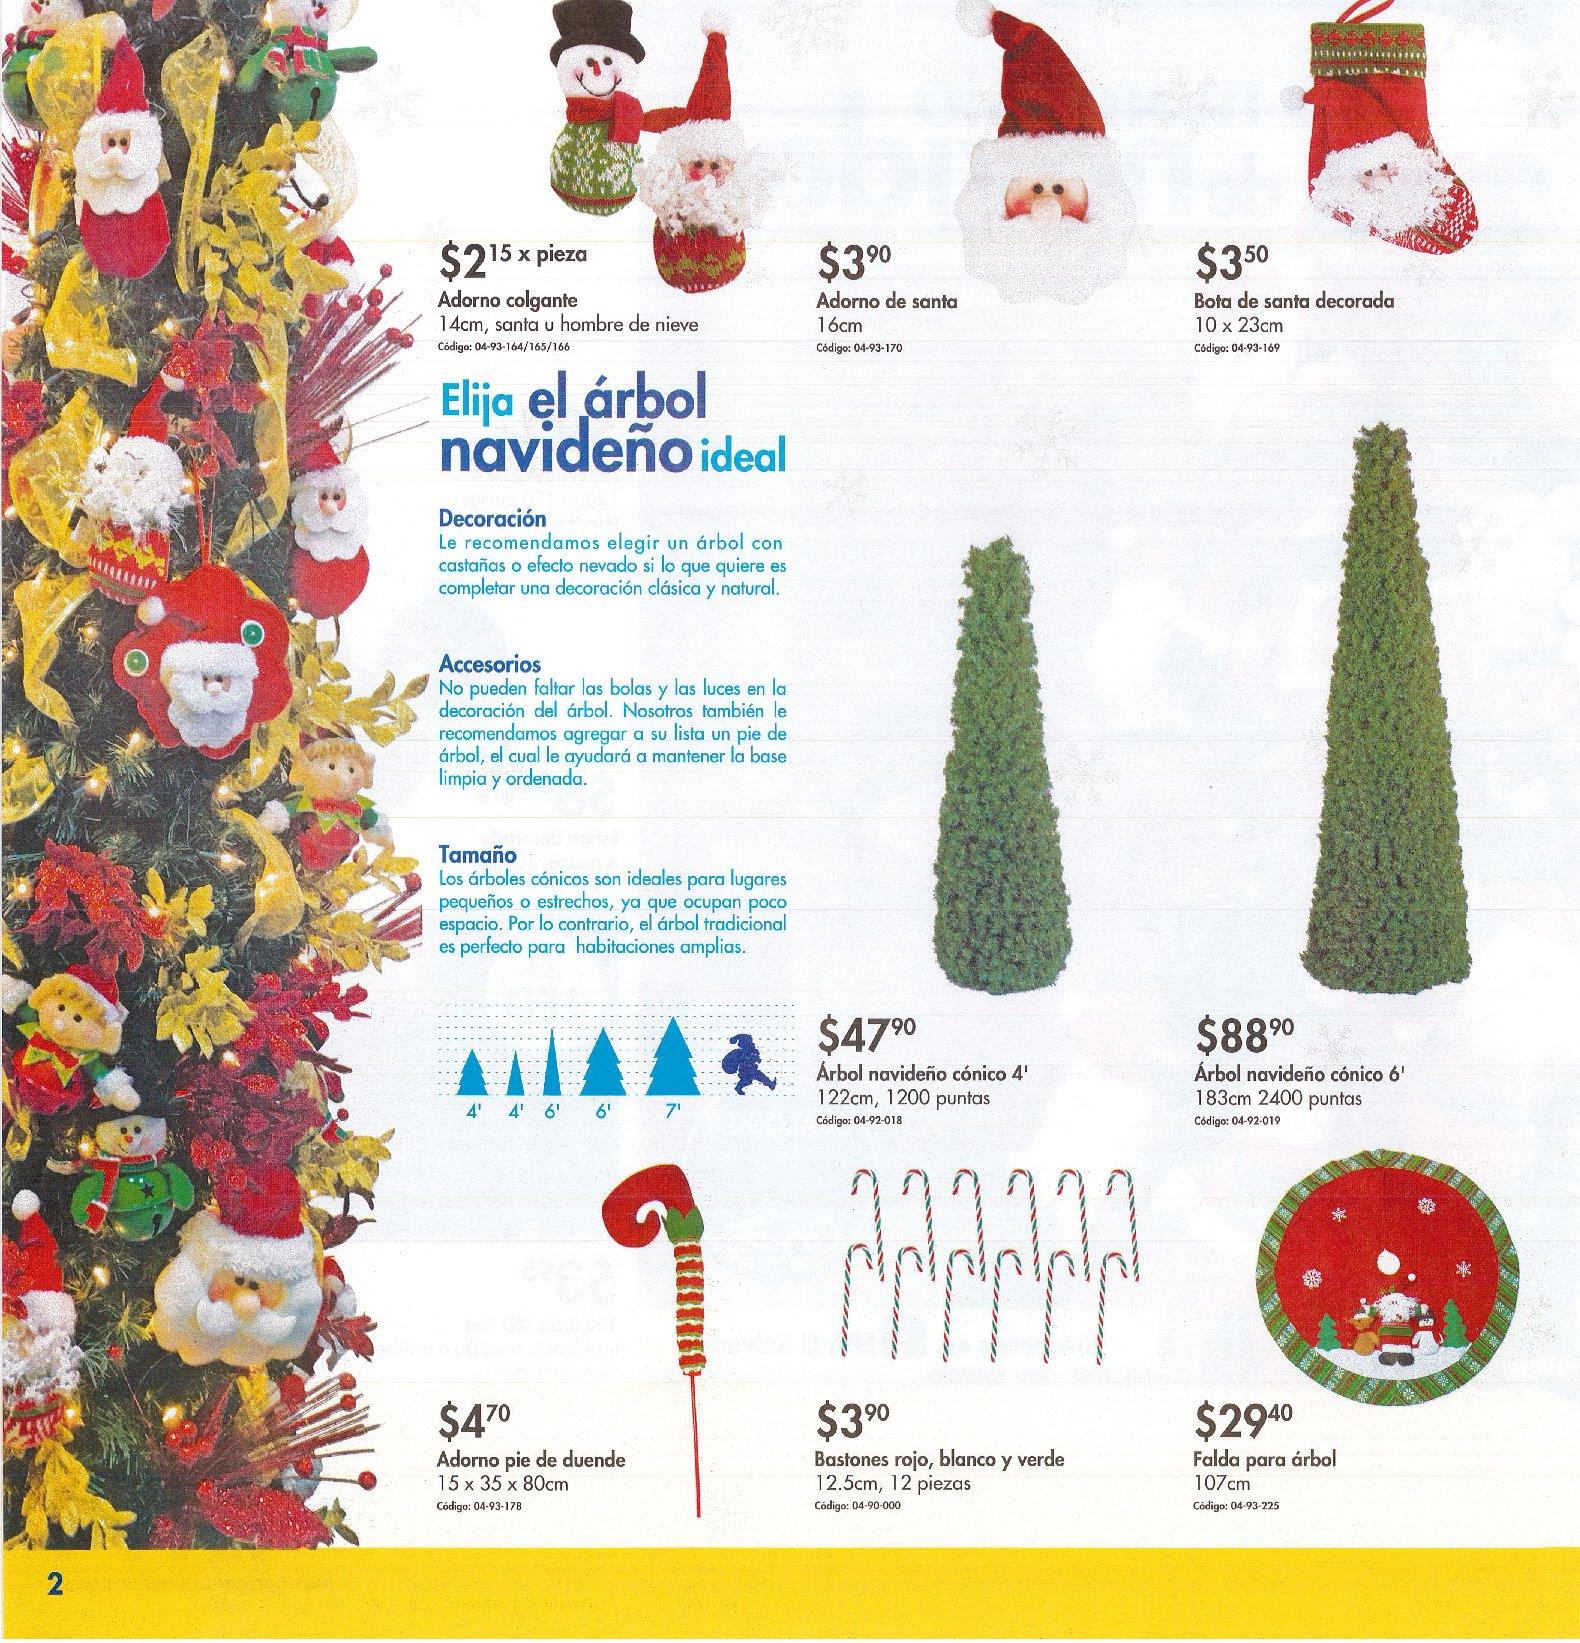 Best 28 ofertas de arboles de navidad ofertas de - Arbol de navidad carrefour ...